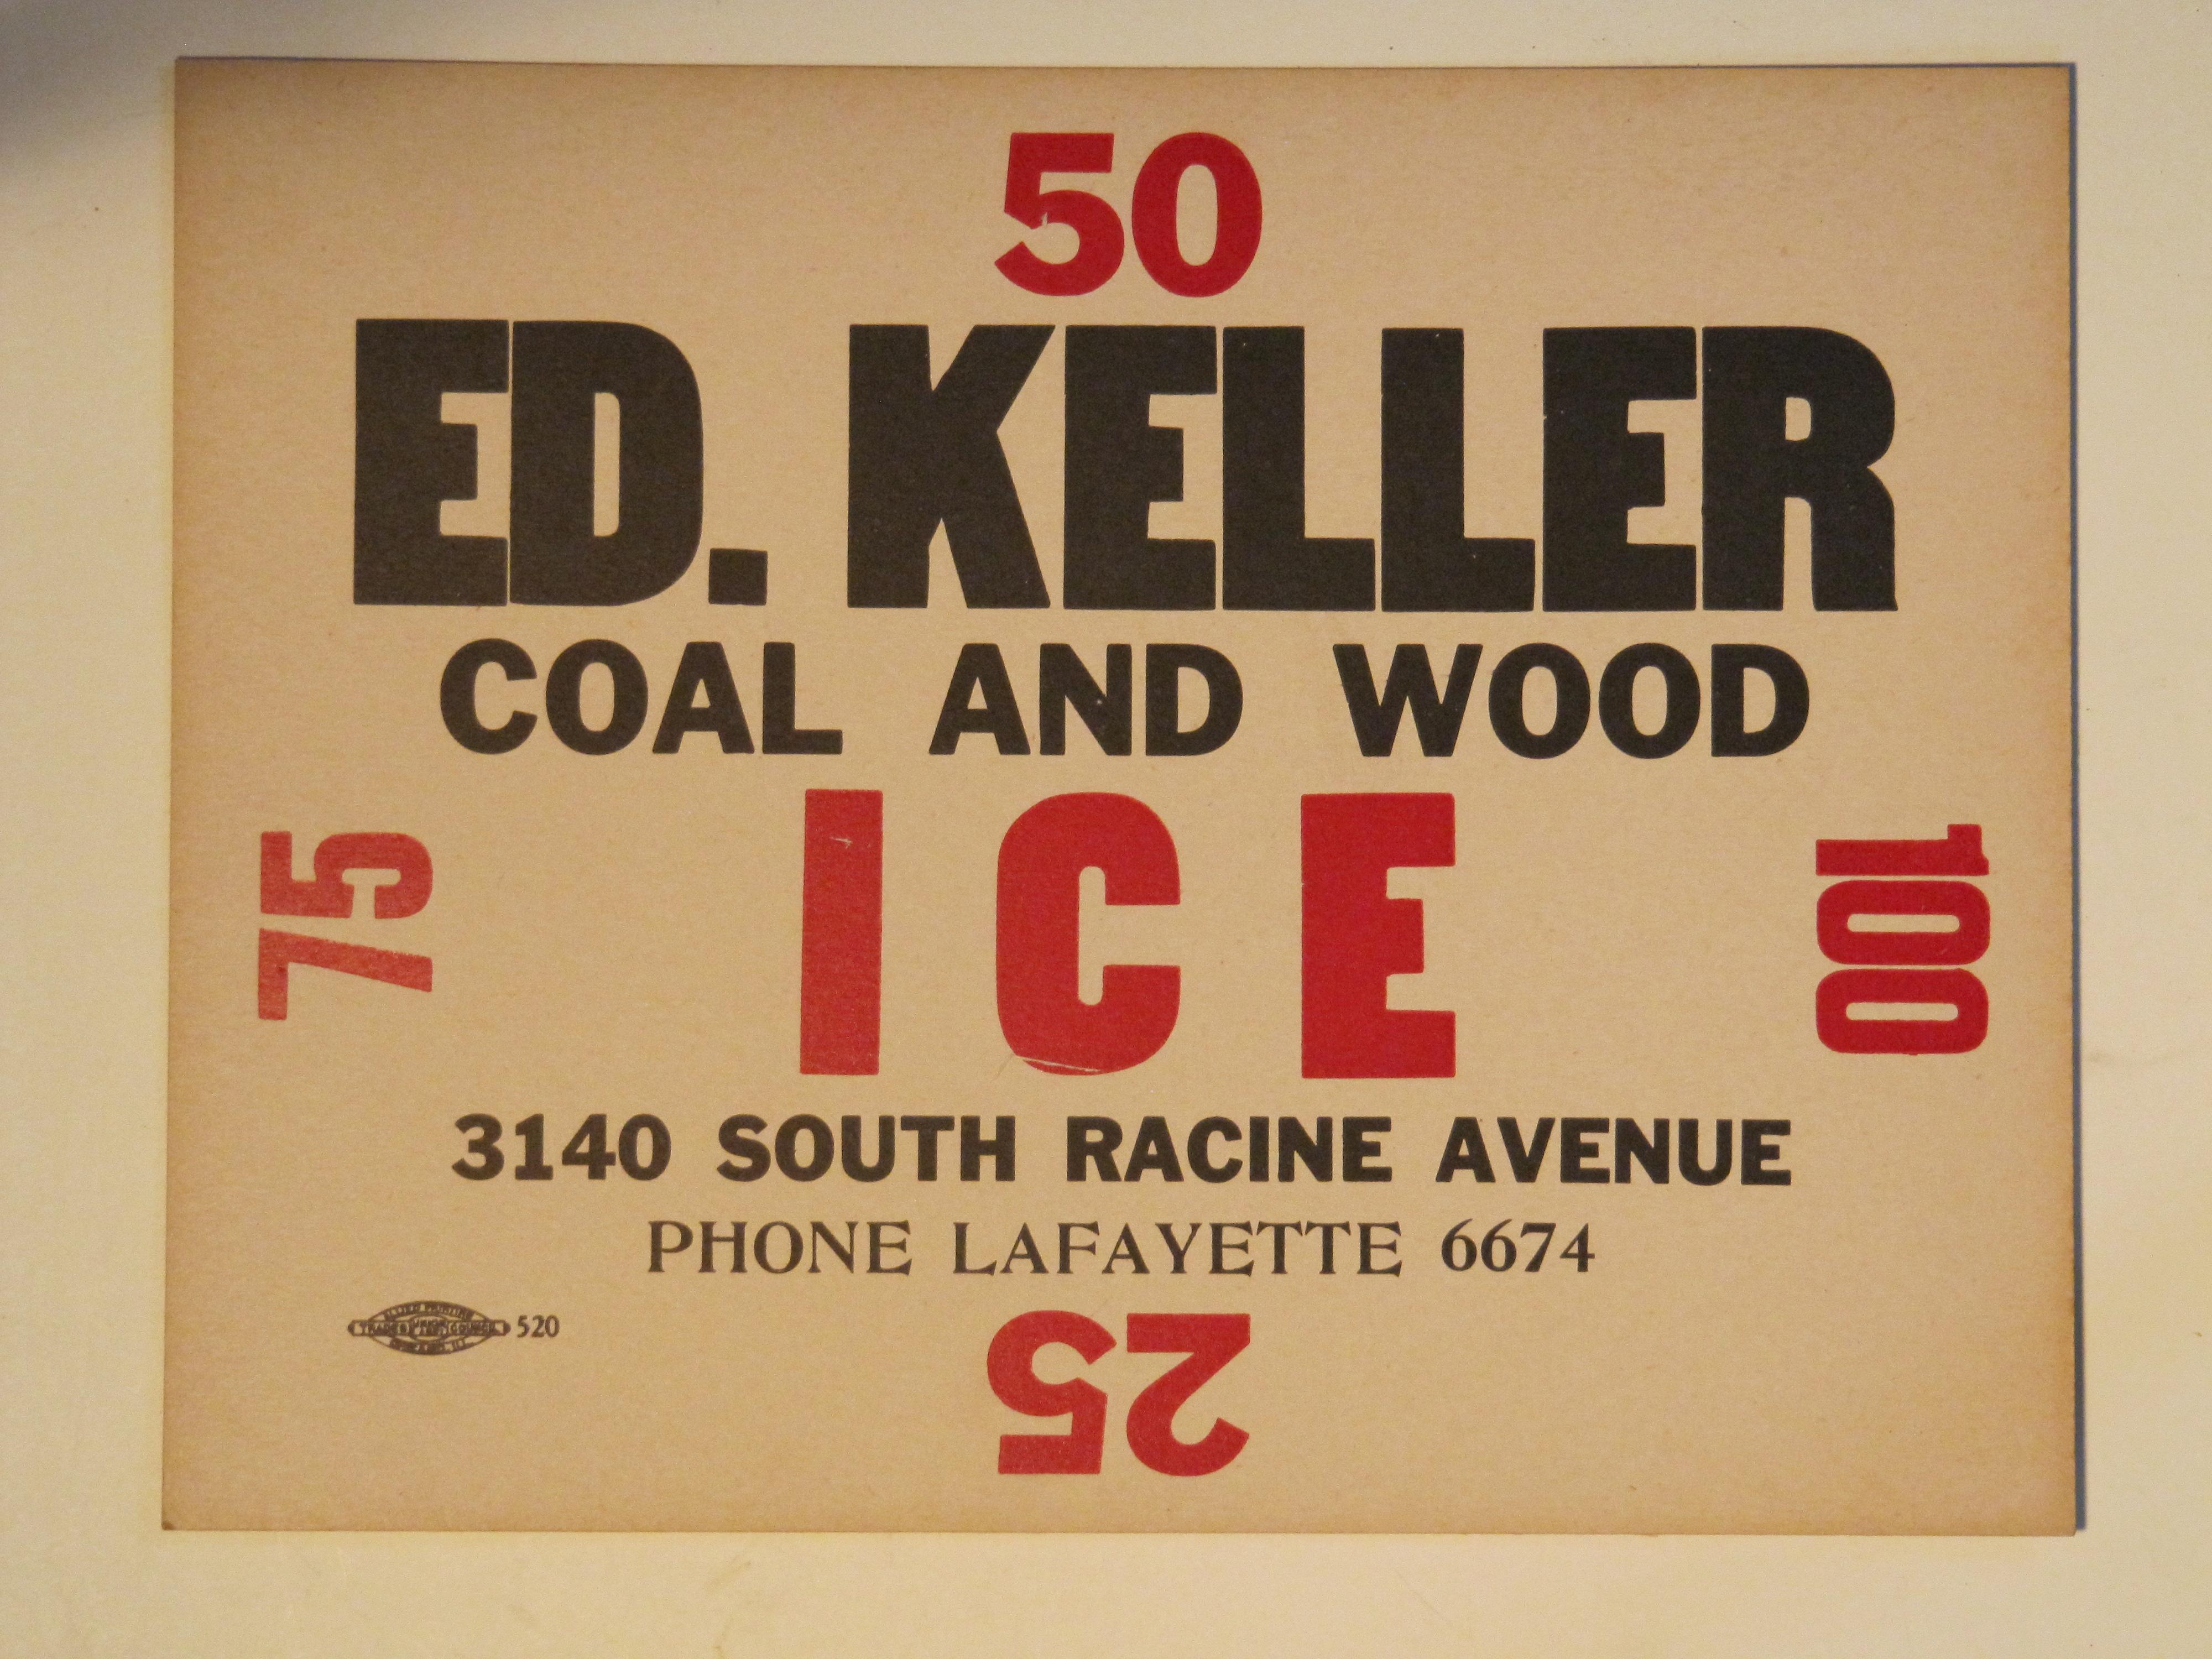 Ed Keller Ice